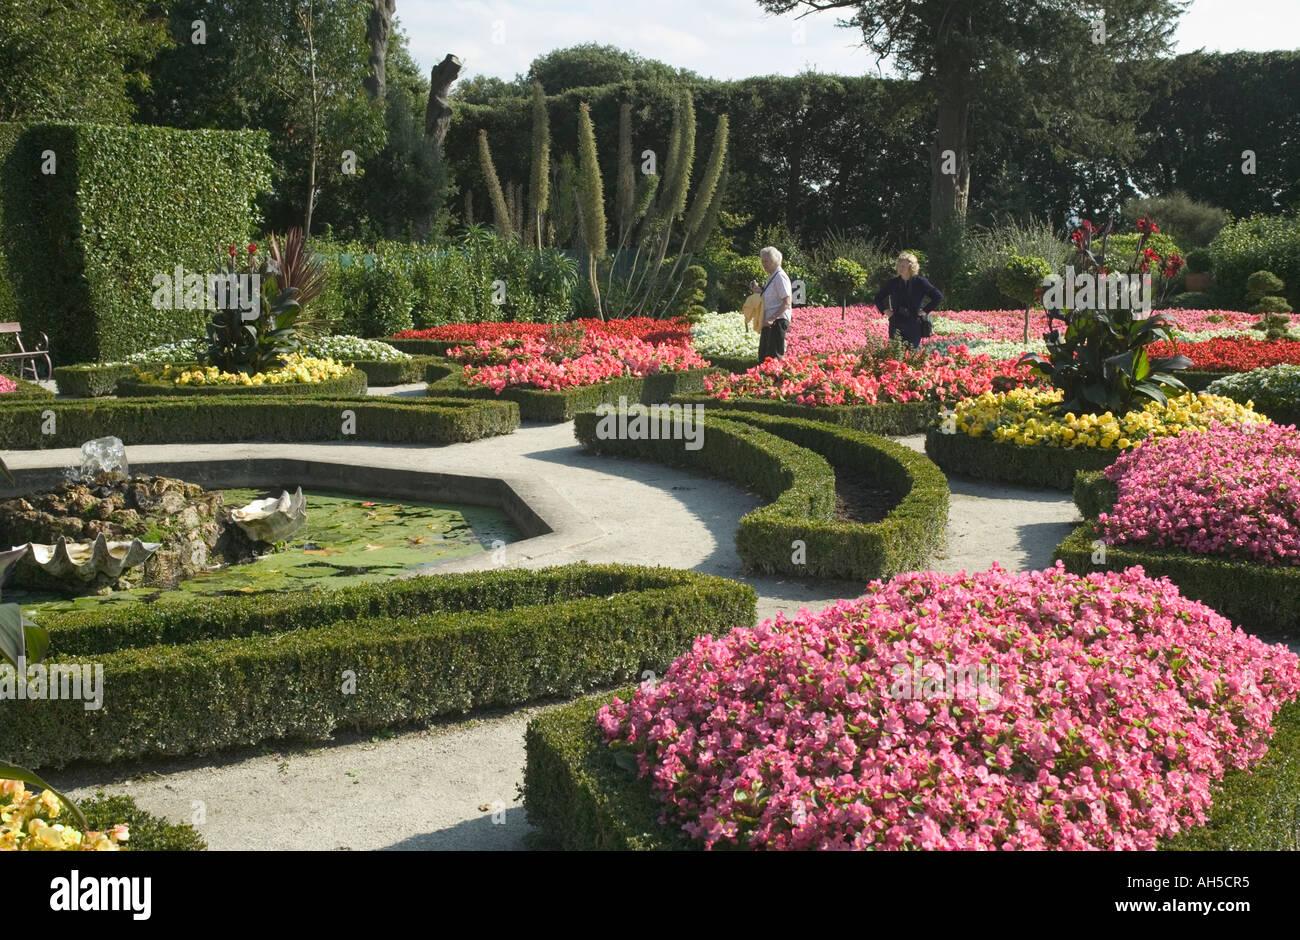 Il giardino francese in giardini formali Mt Edgcumbe Country Park Plymouth  Cornovaglia Gran Bretagna Foto stock - Alamy